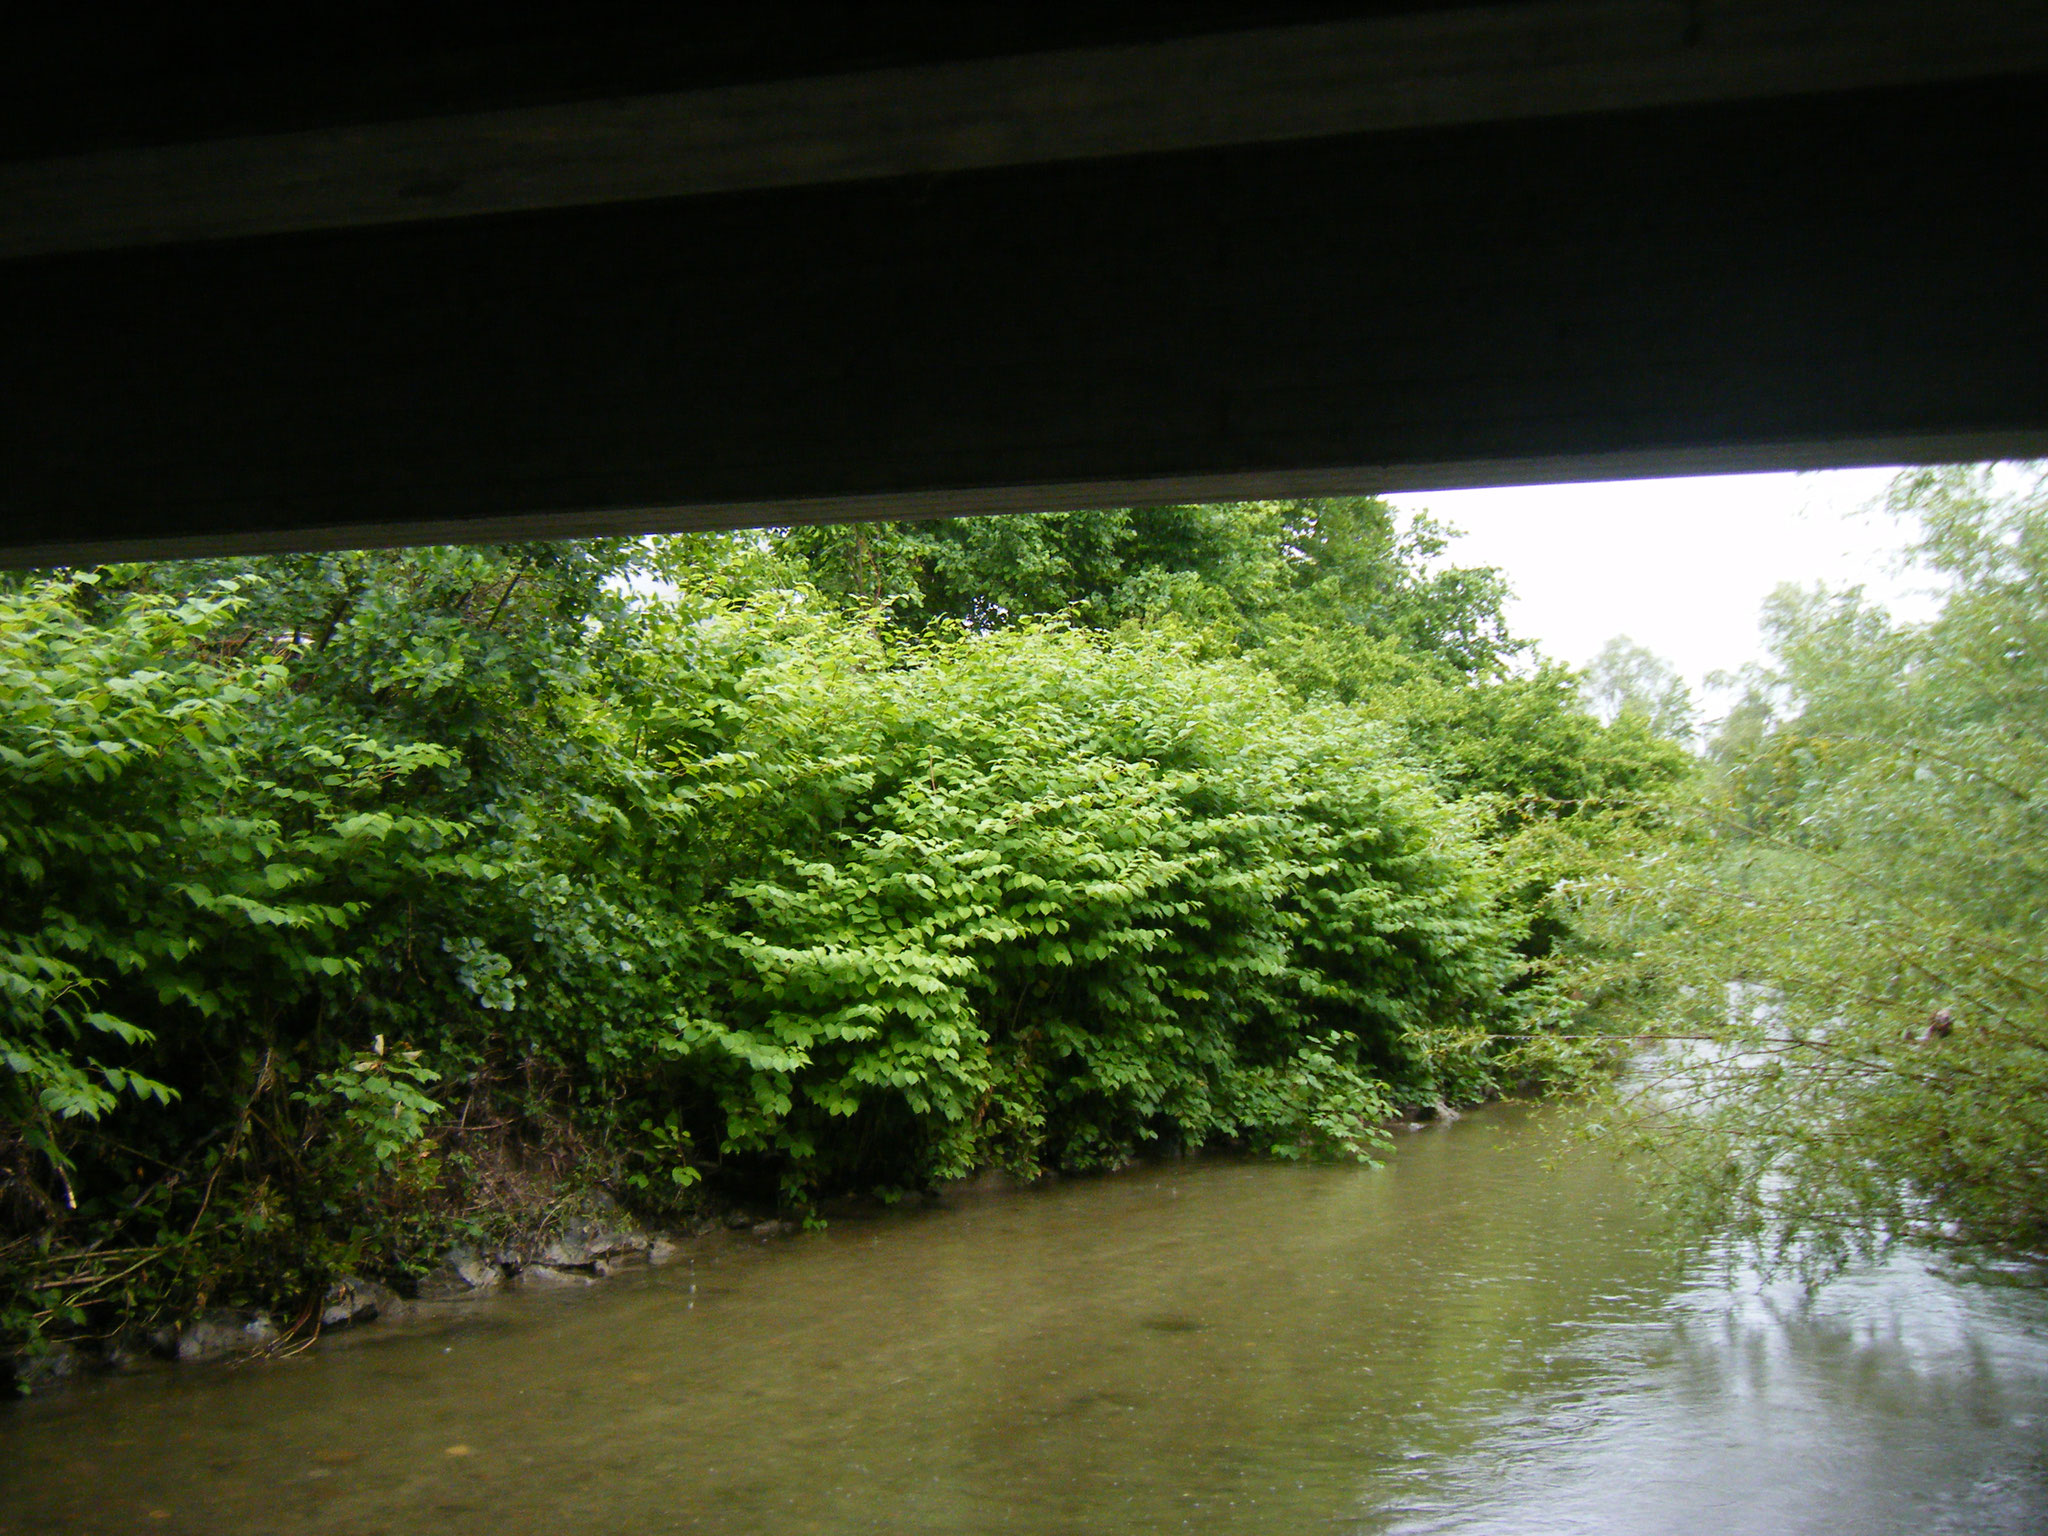 Das Westufer ist am 5. Juni üppig bewachsen mit meterhohem japanischen Knöterich, der sich mit der Brombeere einen Kampf um die Oberhand bei der Lichternte liefert